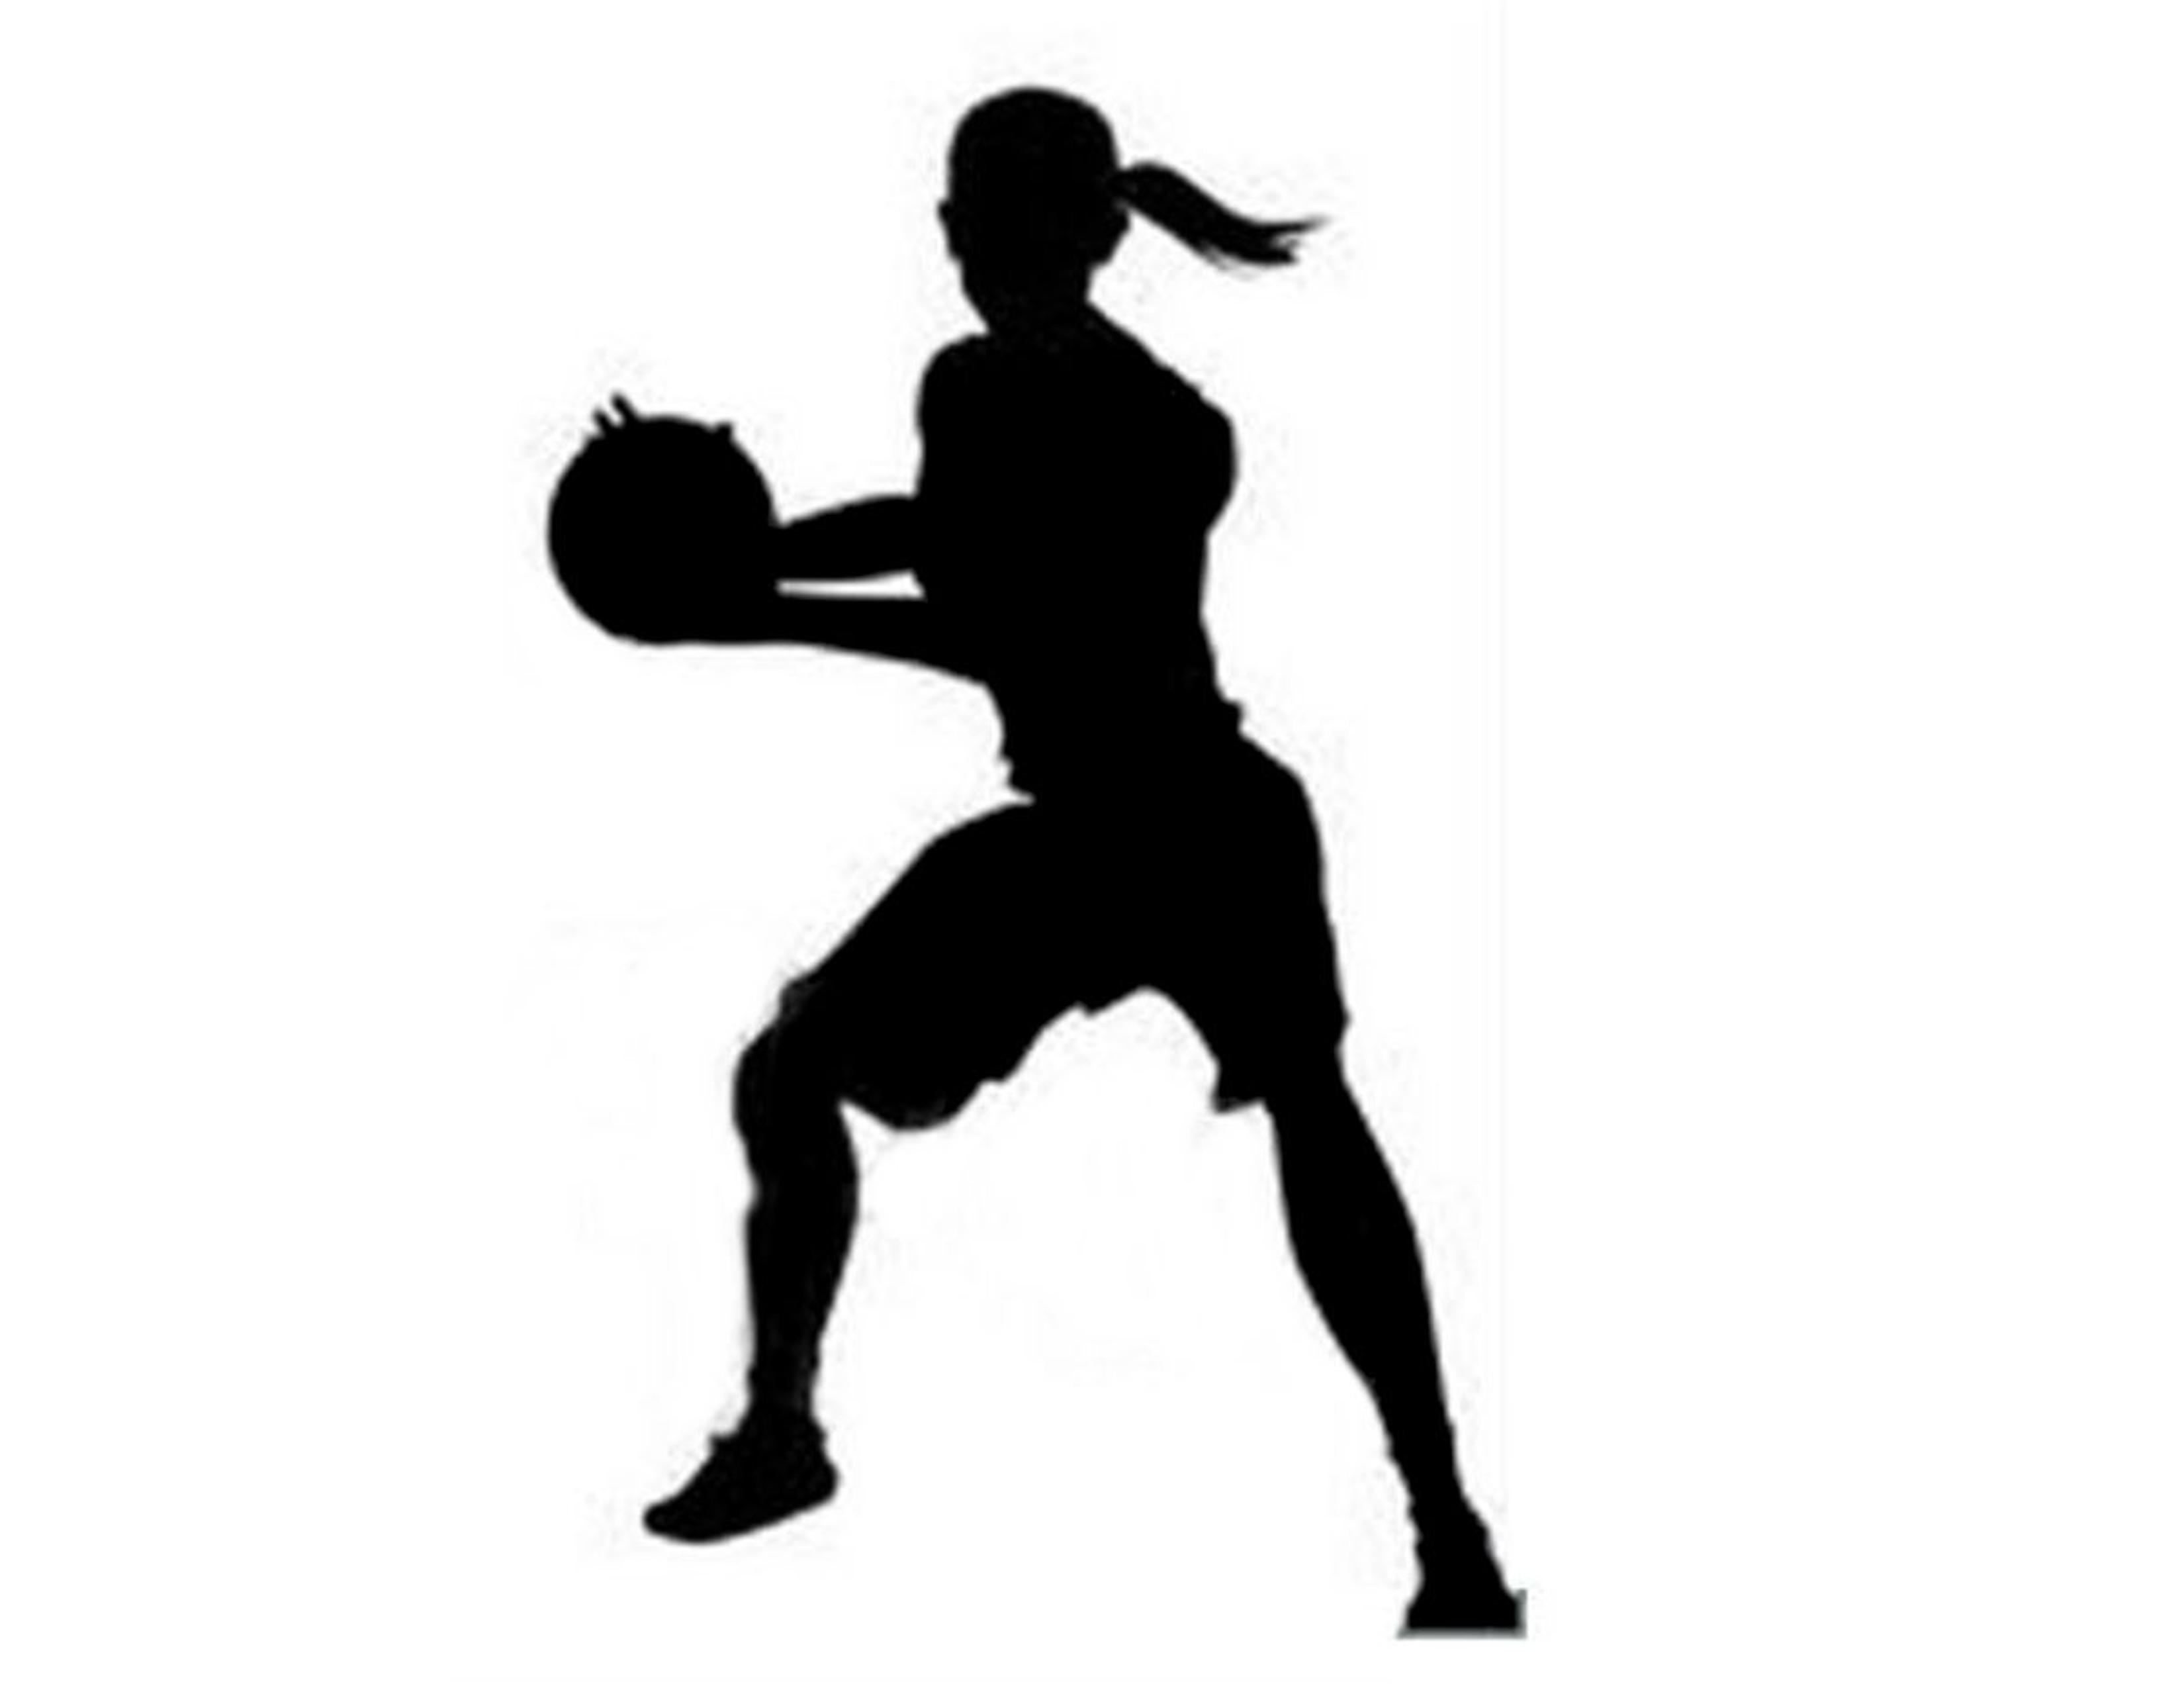 Girl Basketball Player Silhouette.